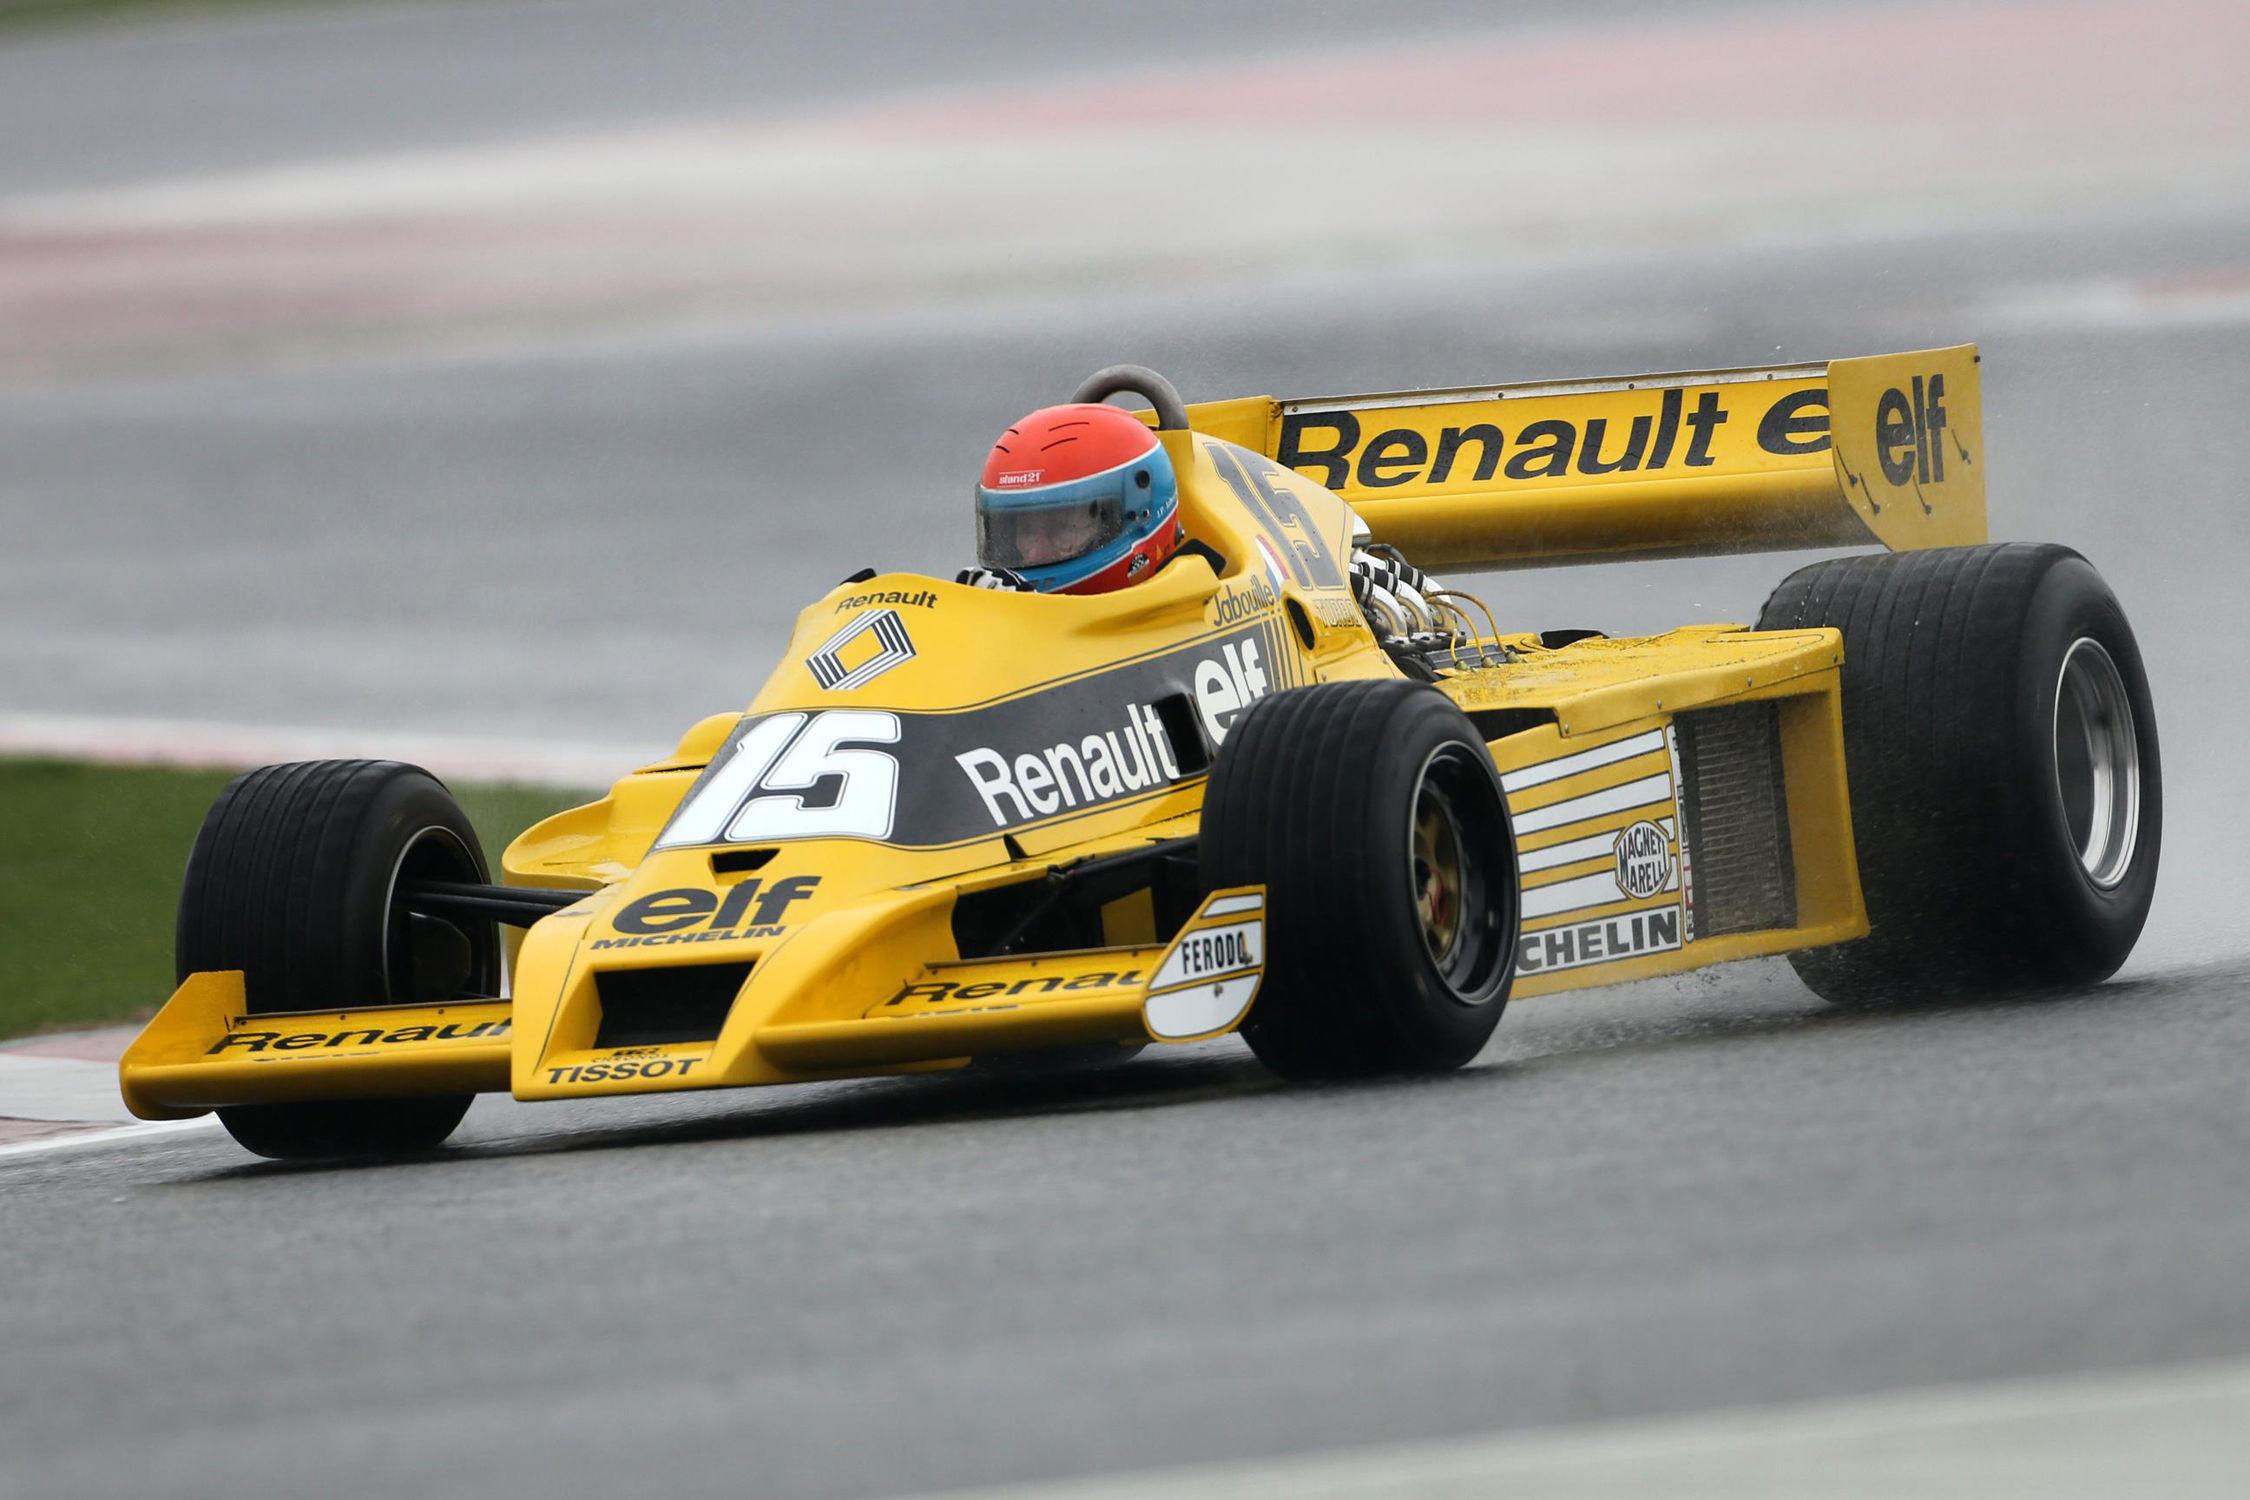 40 ans de F1 fêtés avec une théière — Renault